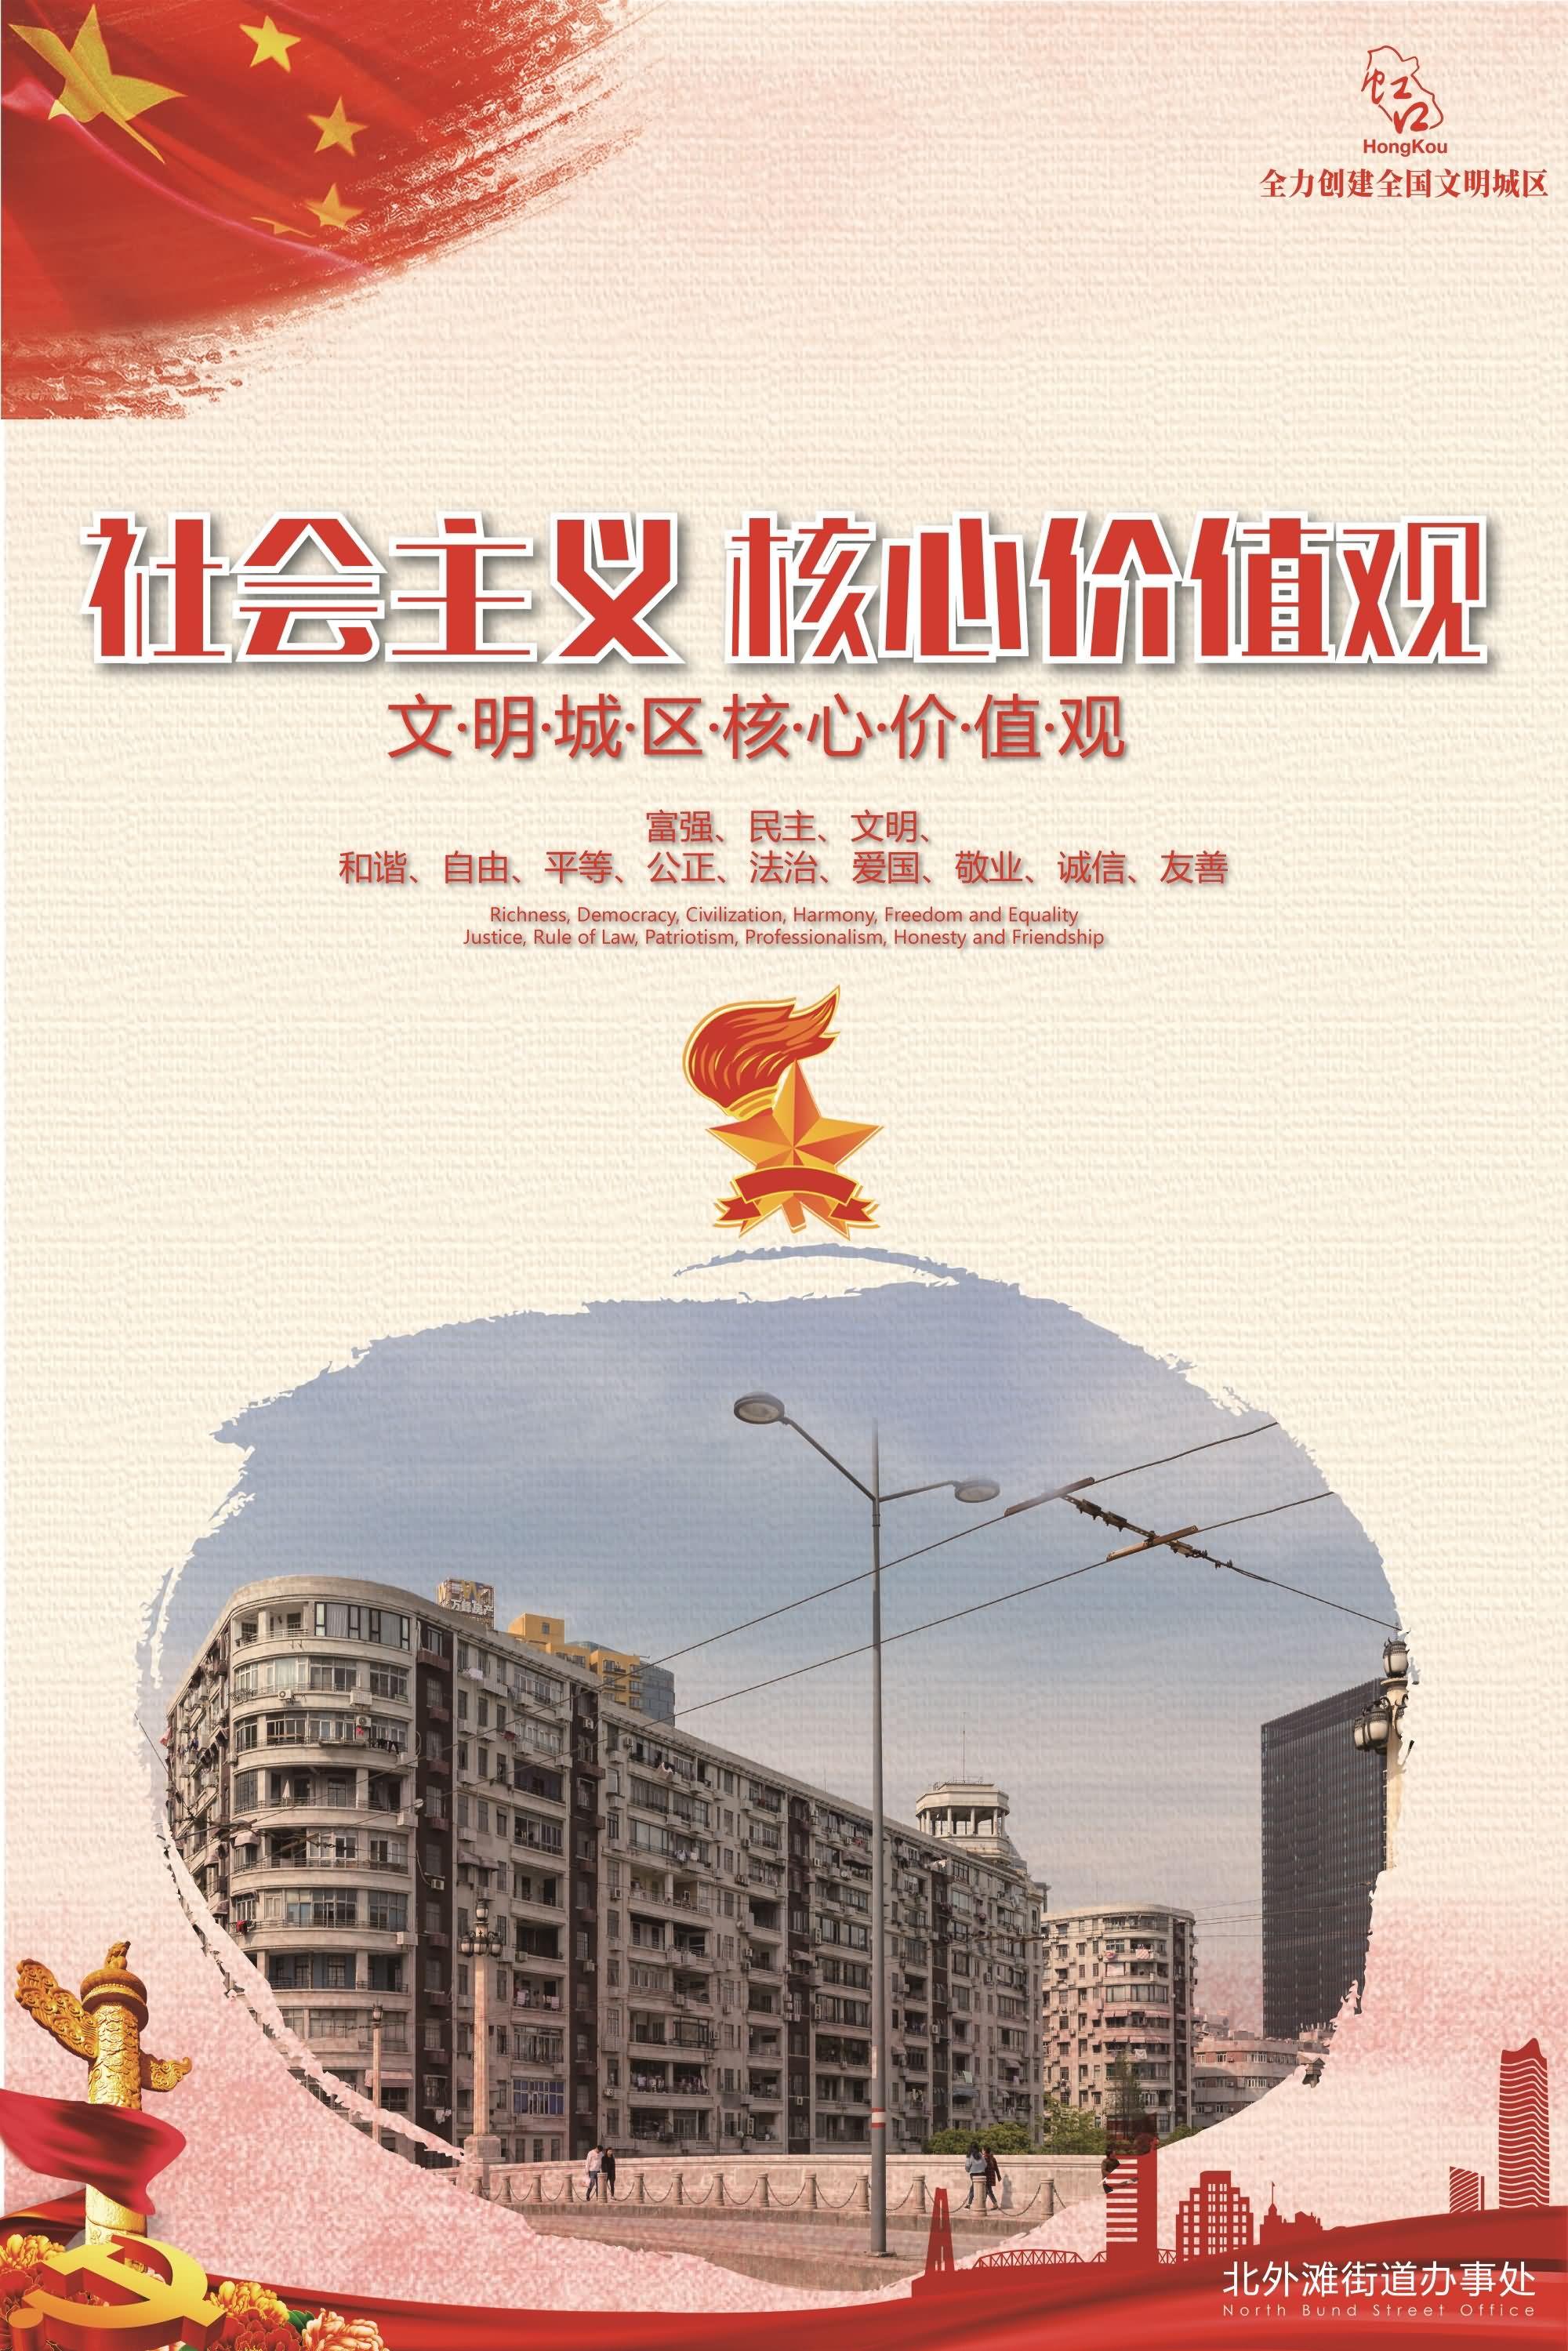 上海市北外滩街道办事处7